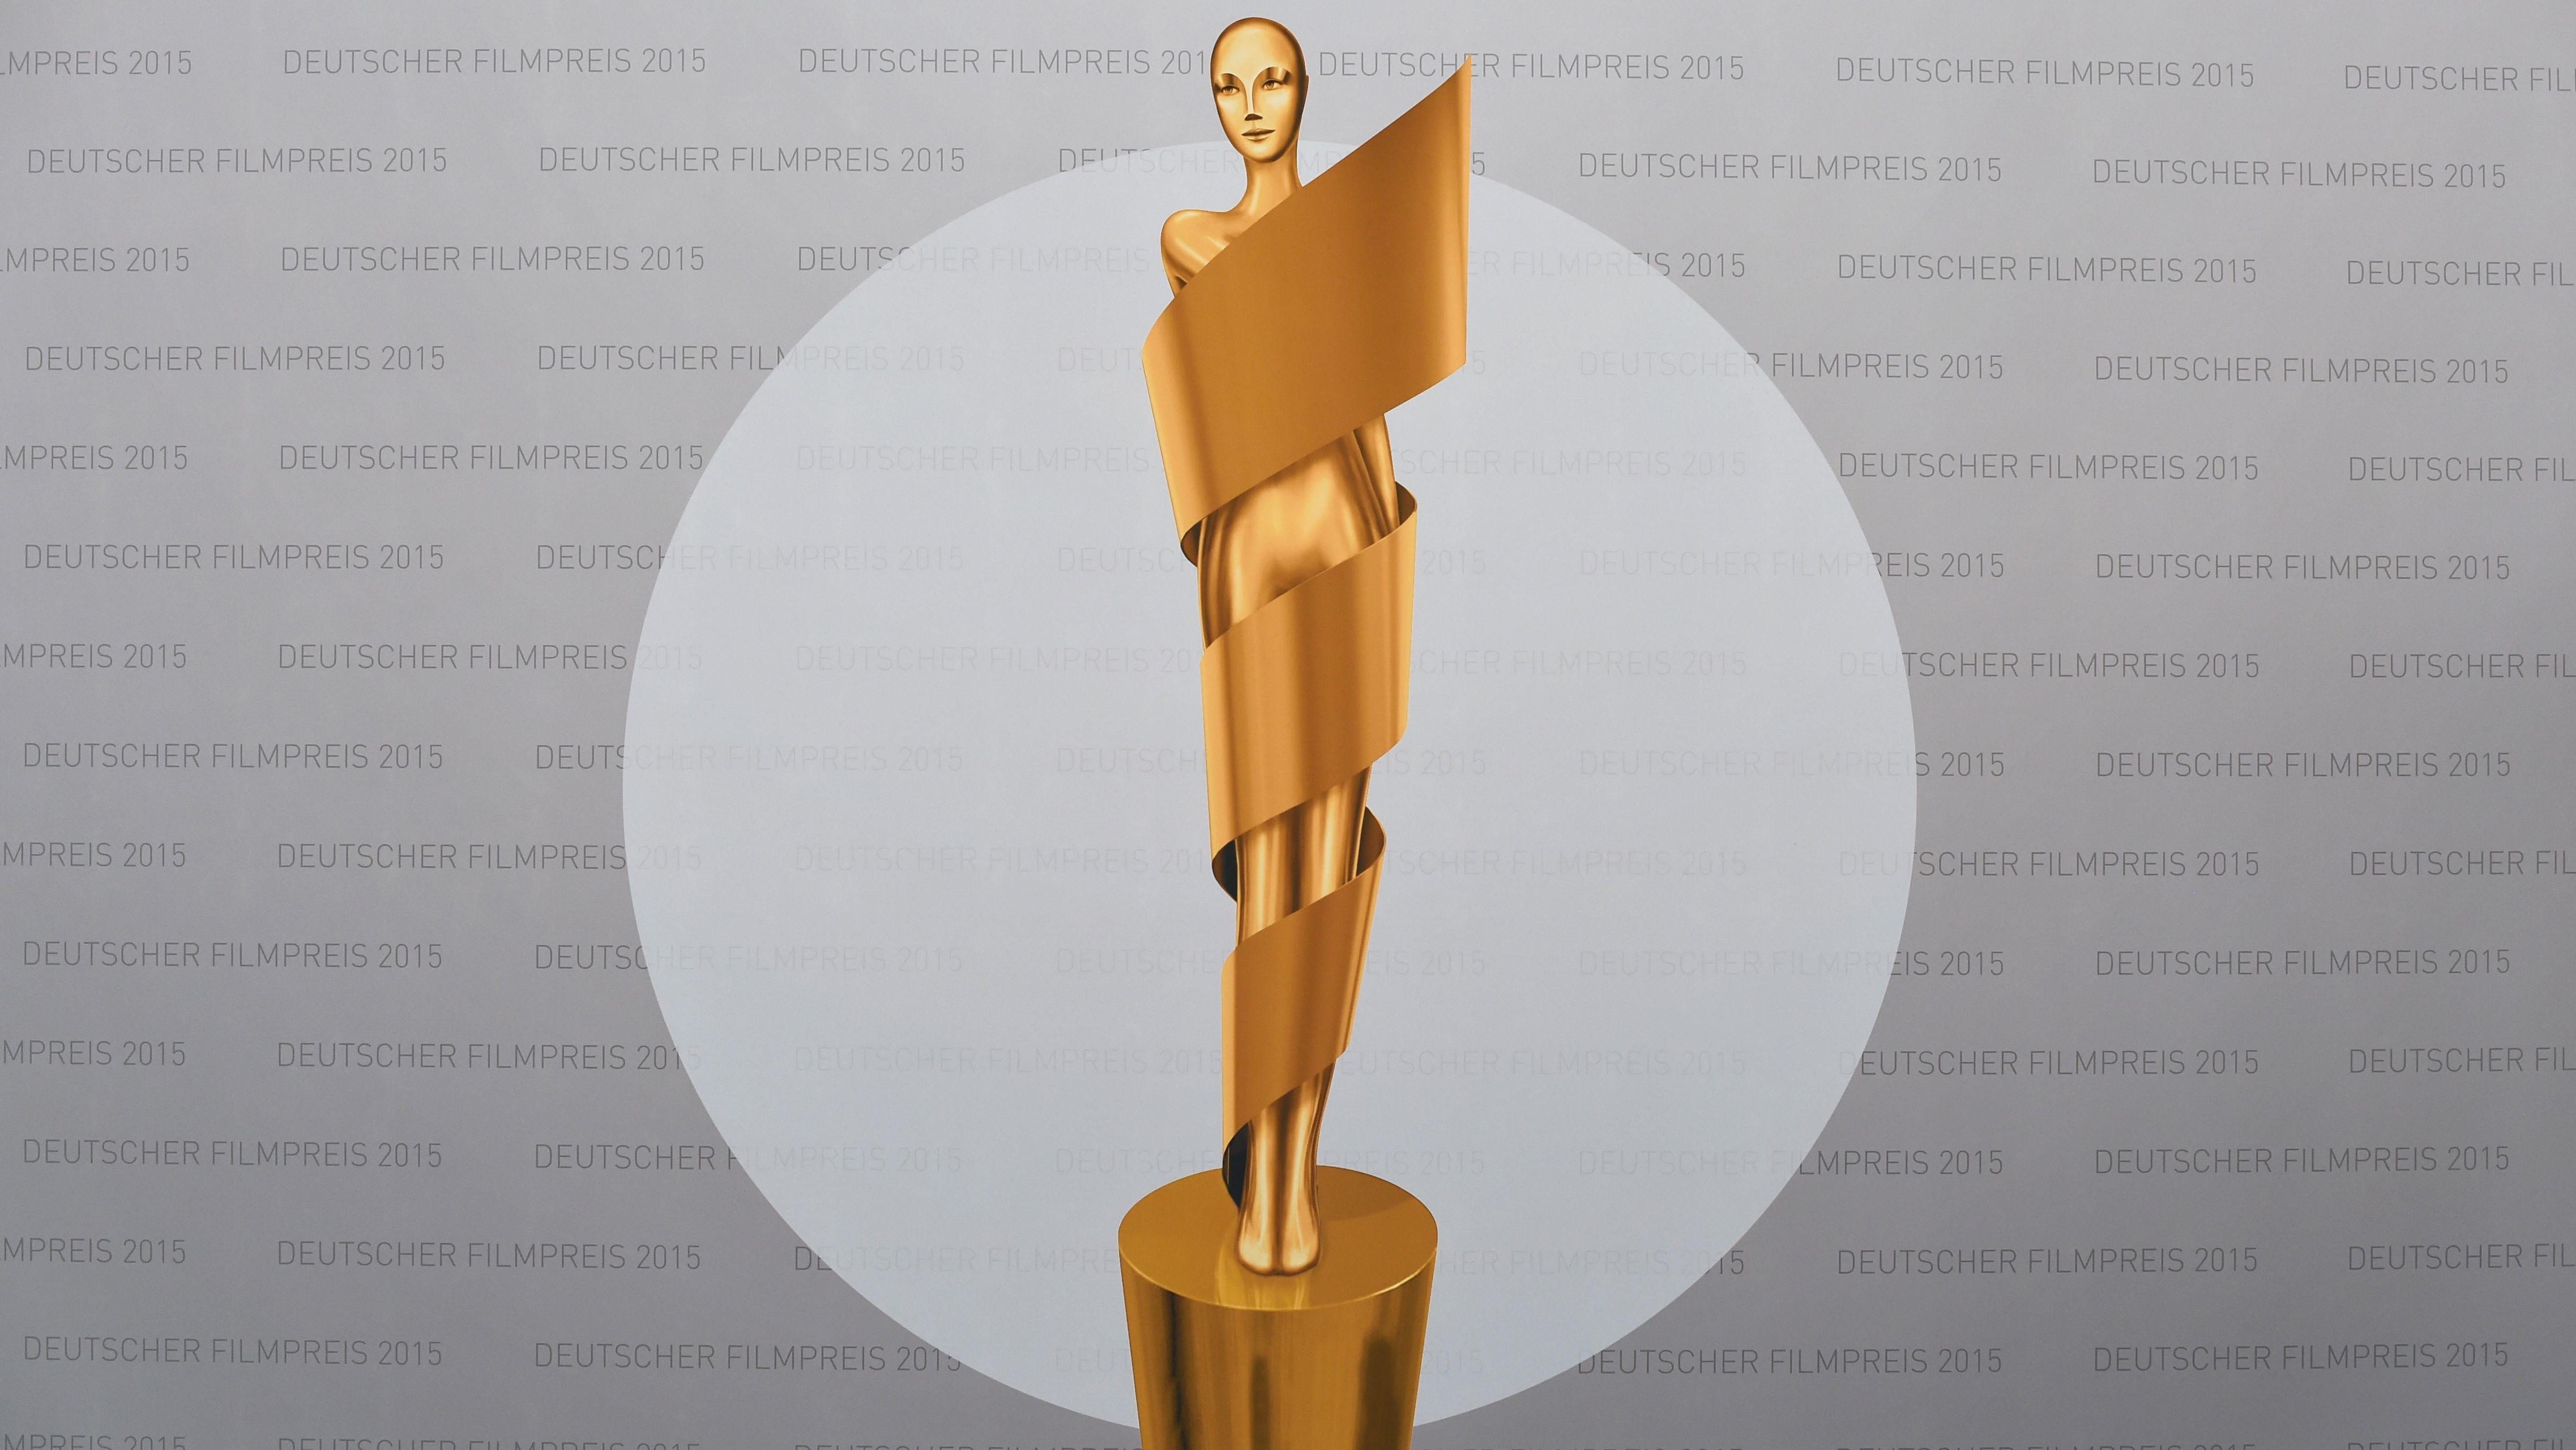 Verleihung 69. Deutscher Filmpreis - Goldene Lola